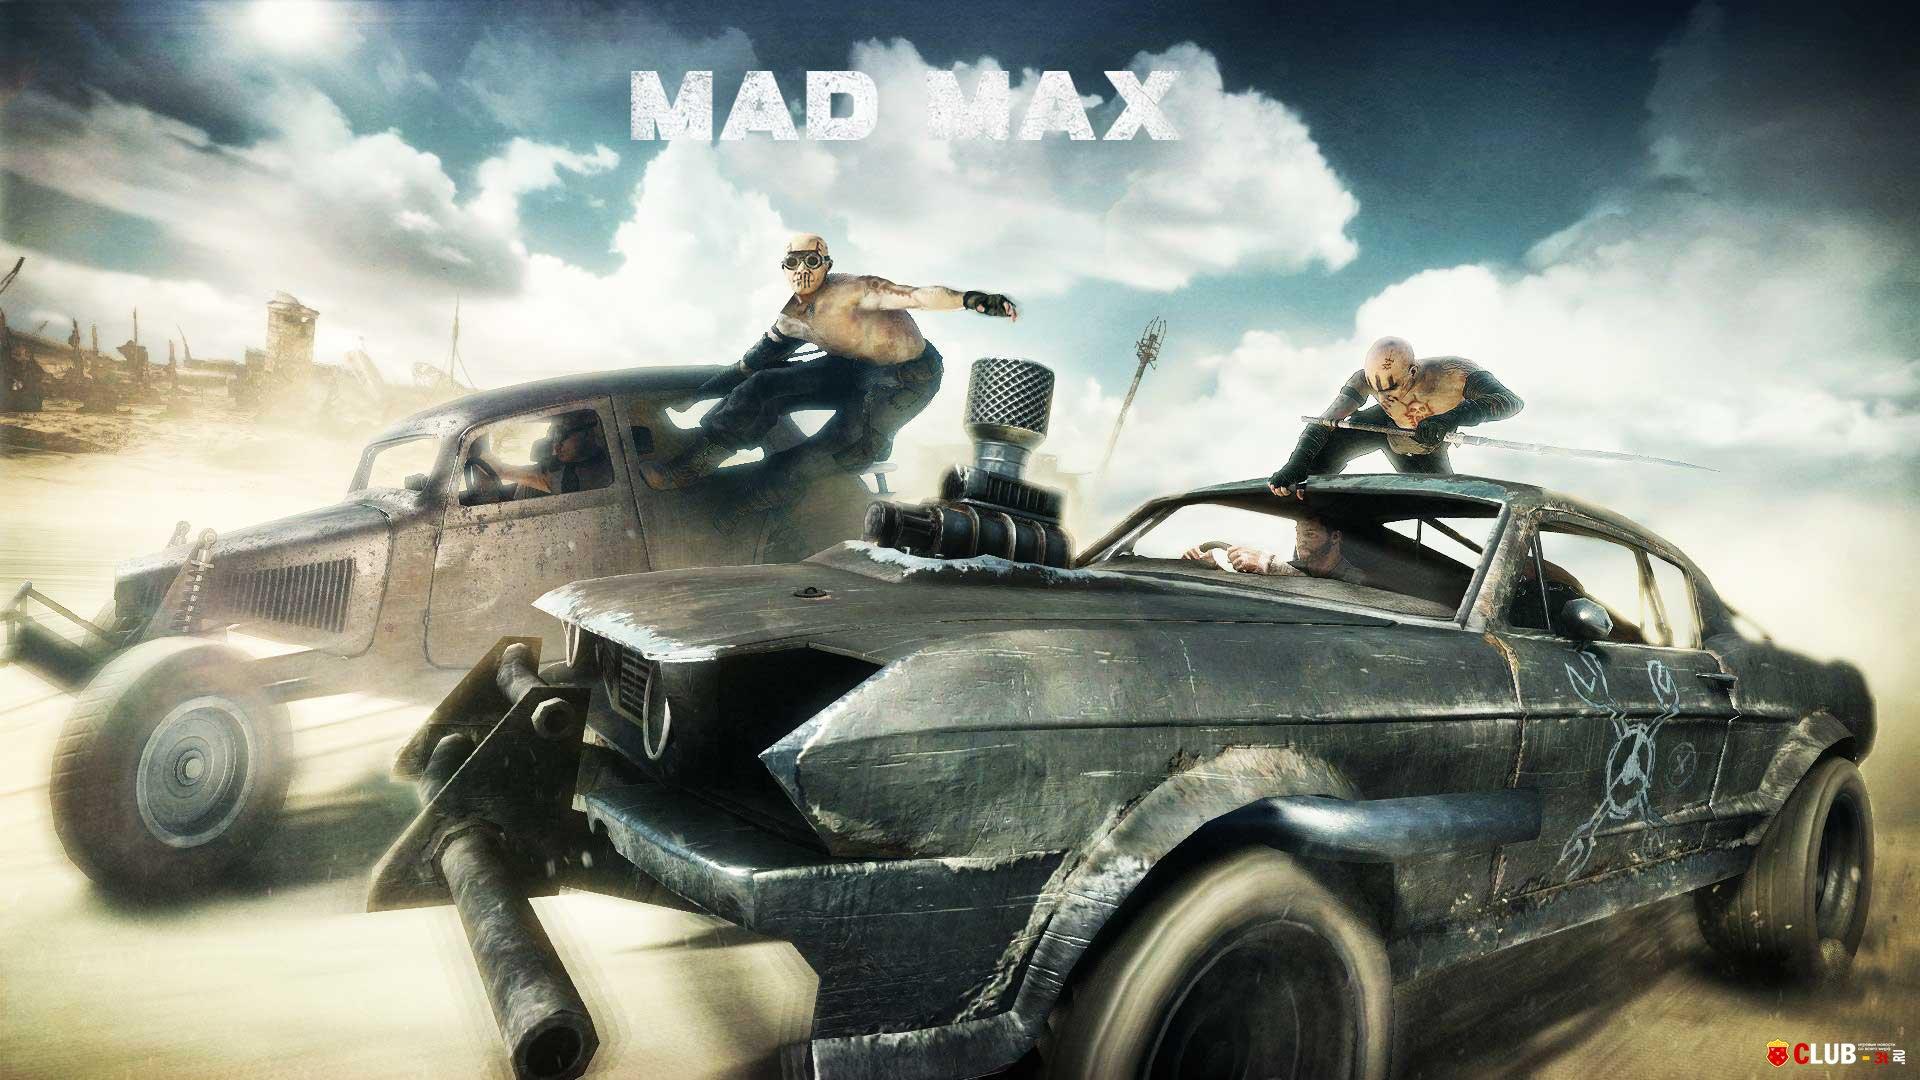 скачать трейнер для mad max 1.0.3.0 fling